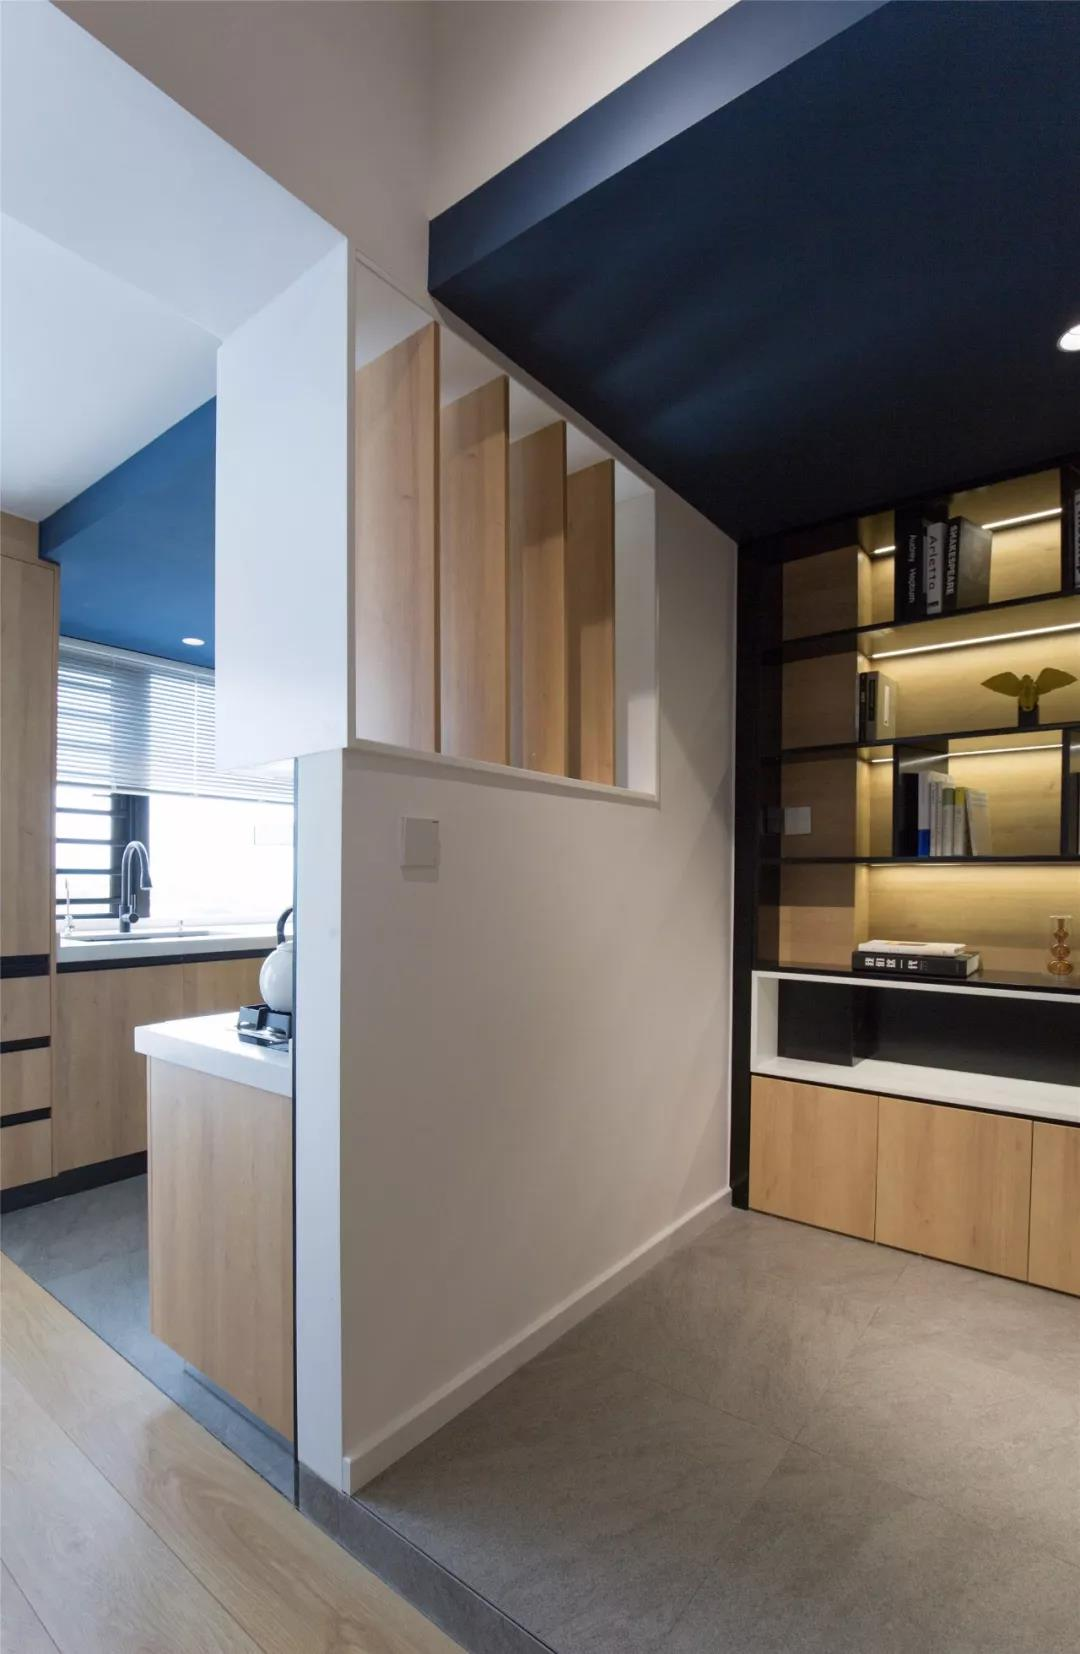 92㎡现代简约,把蓝色刷到天花板,出色的设计真大胆